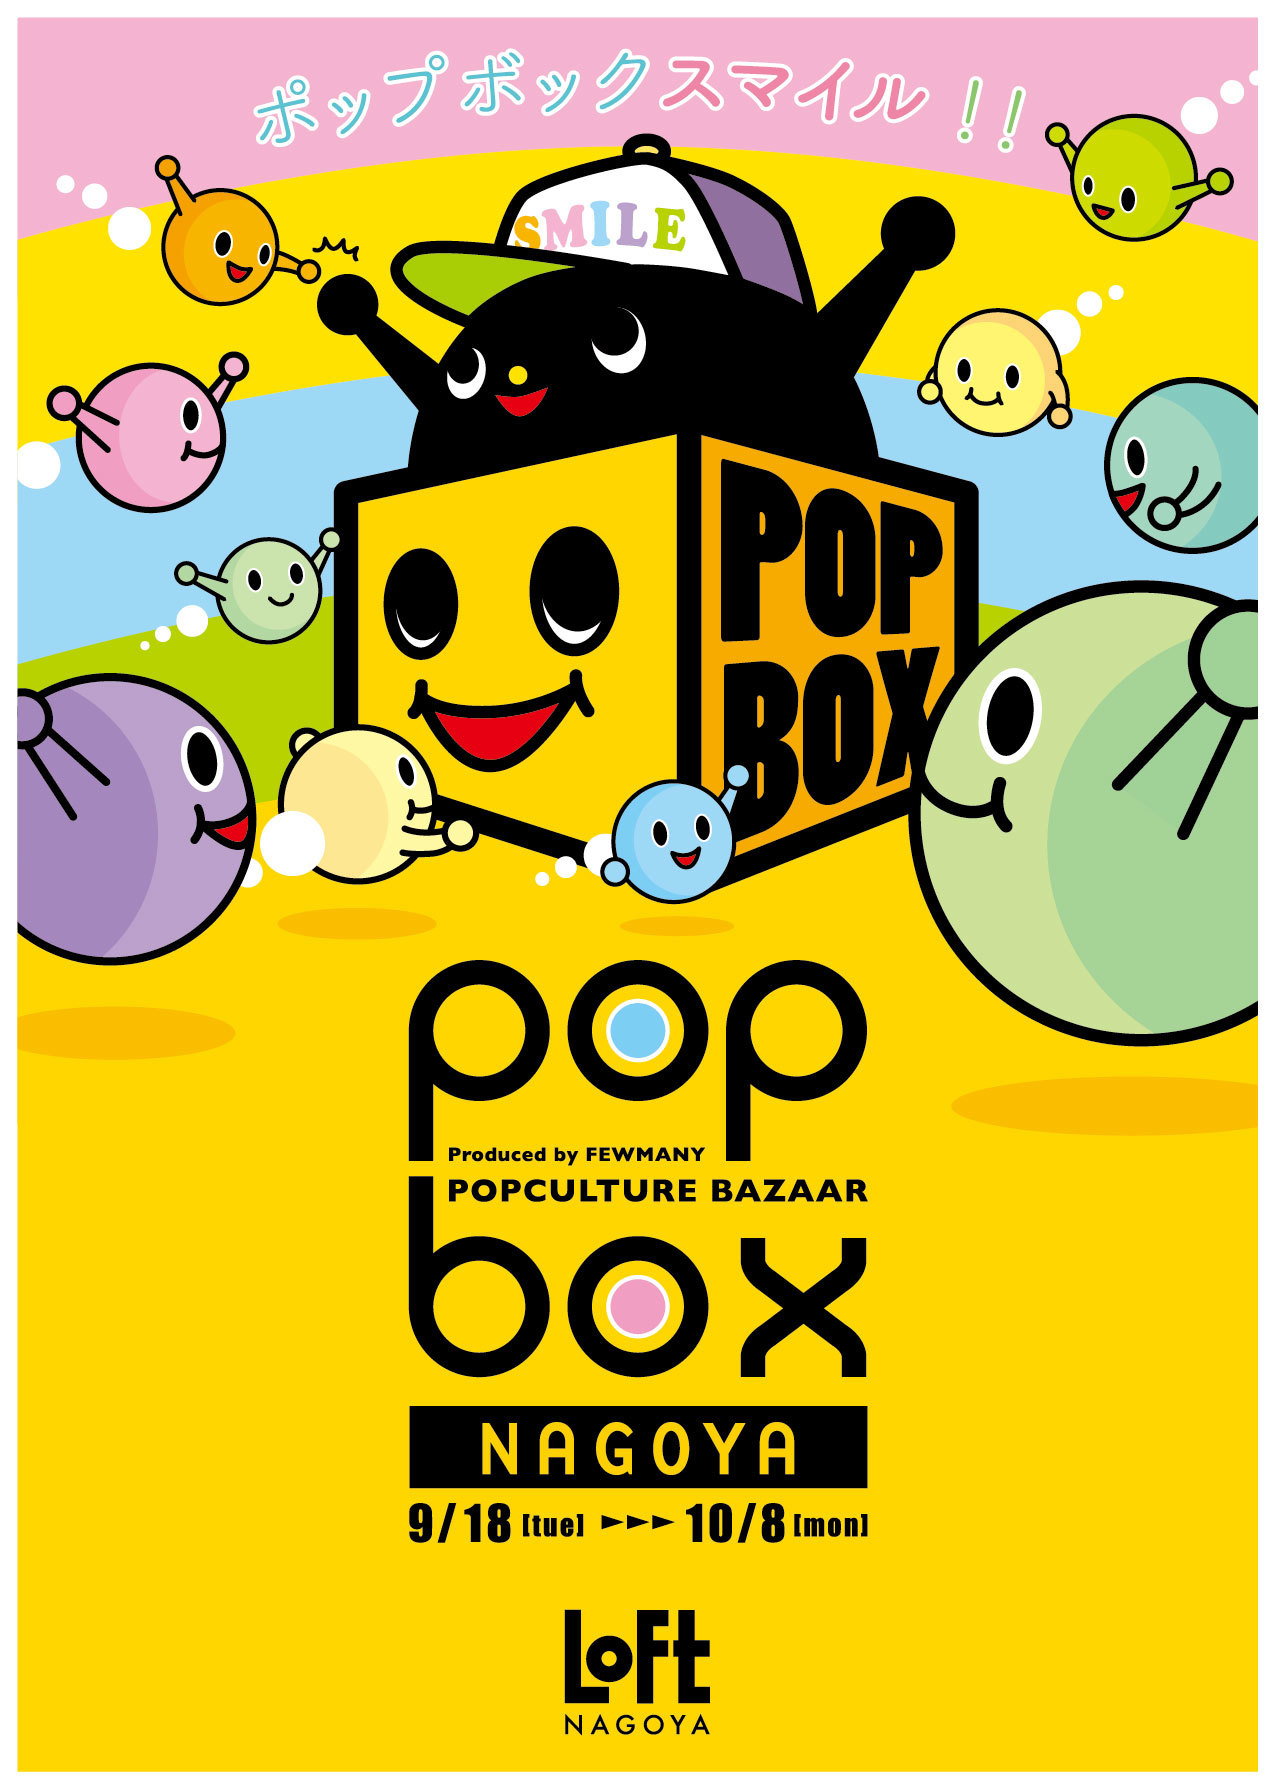 ロフト名古屋POPBOXを開催いたします!_f0010033_12112467.jpeg